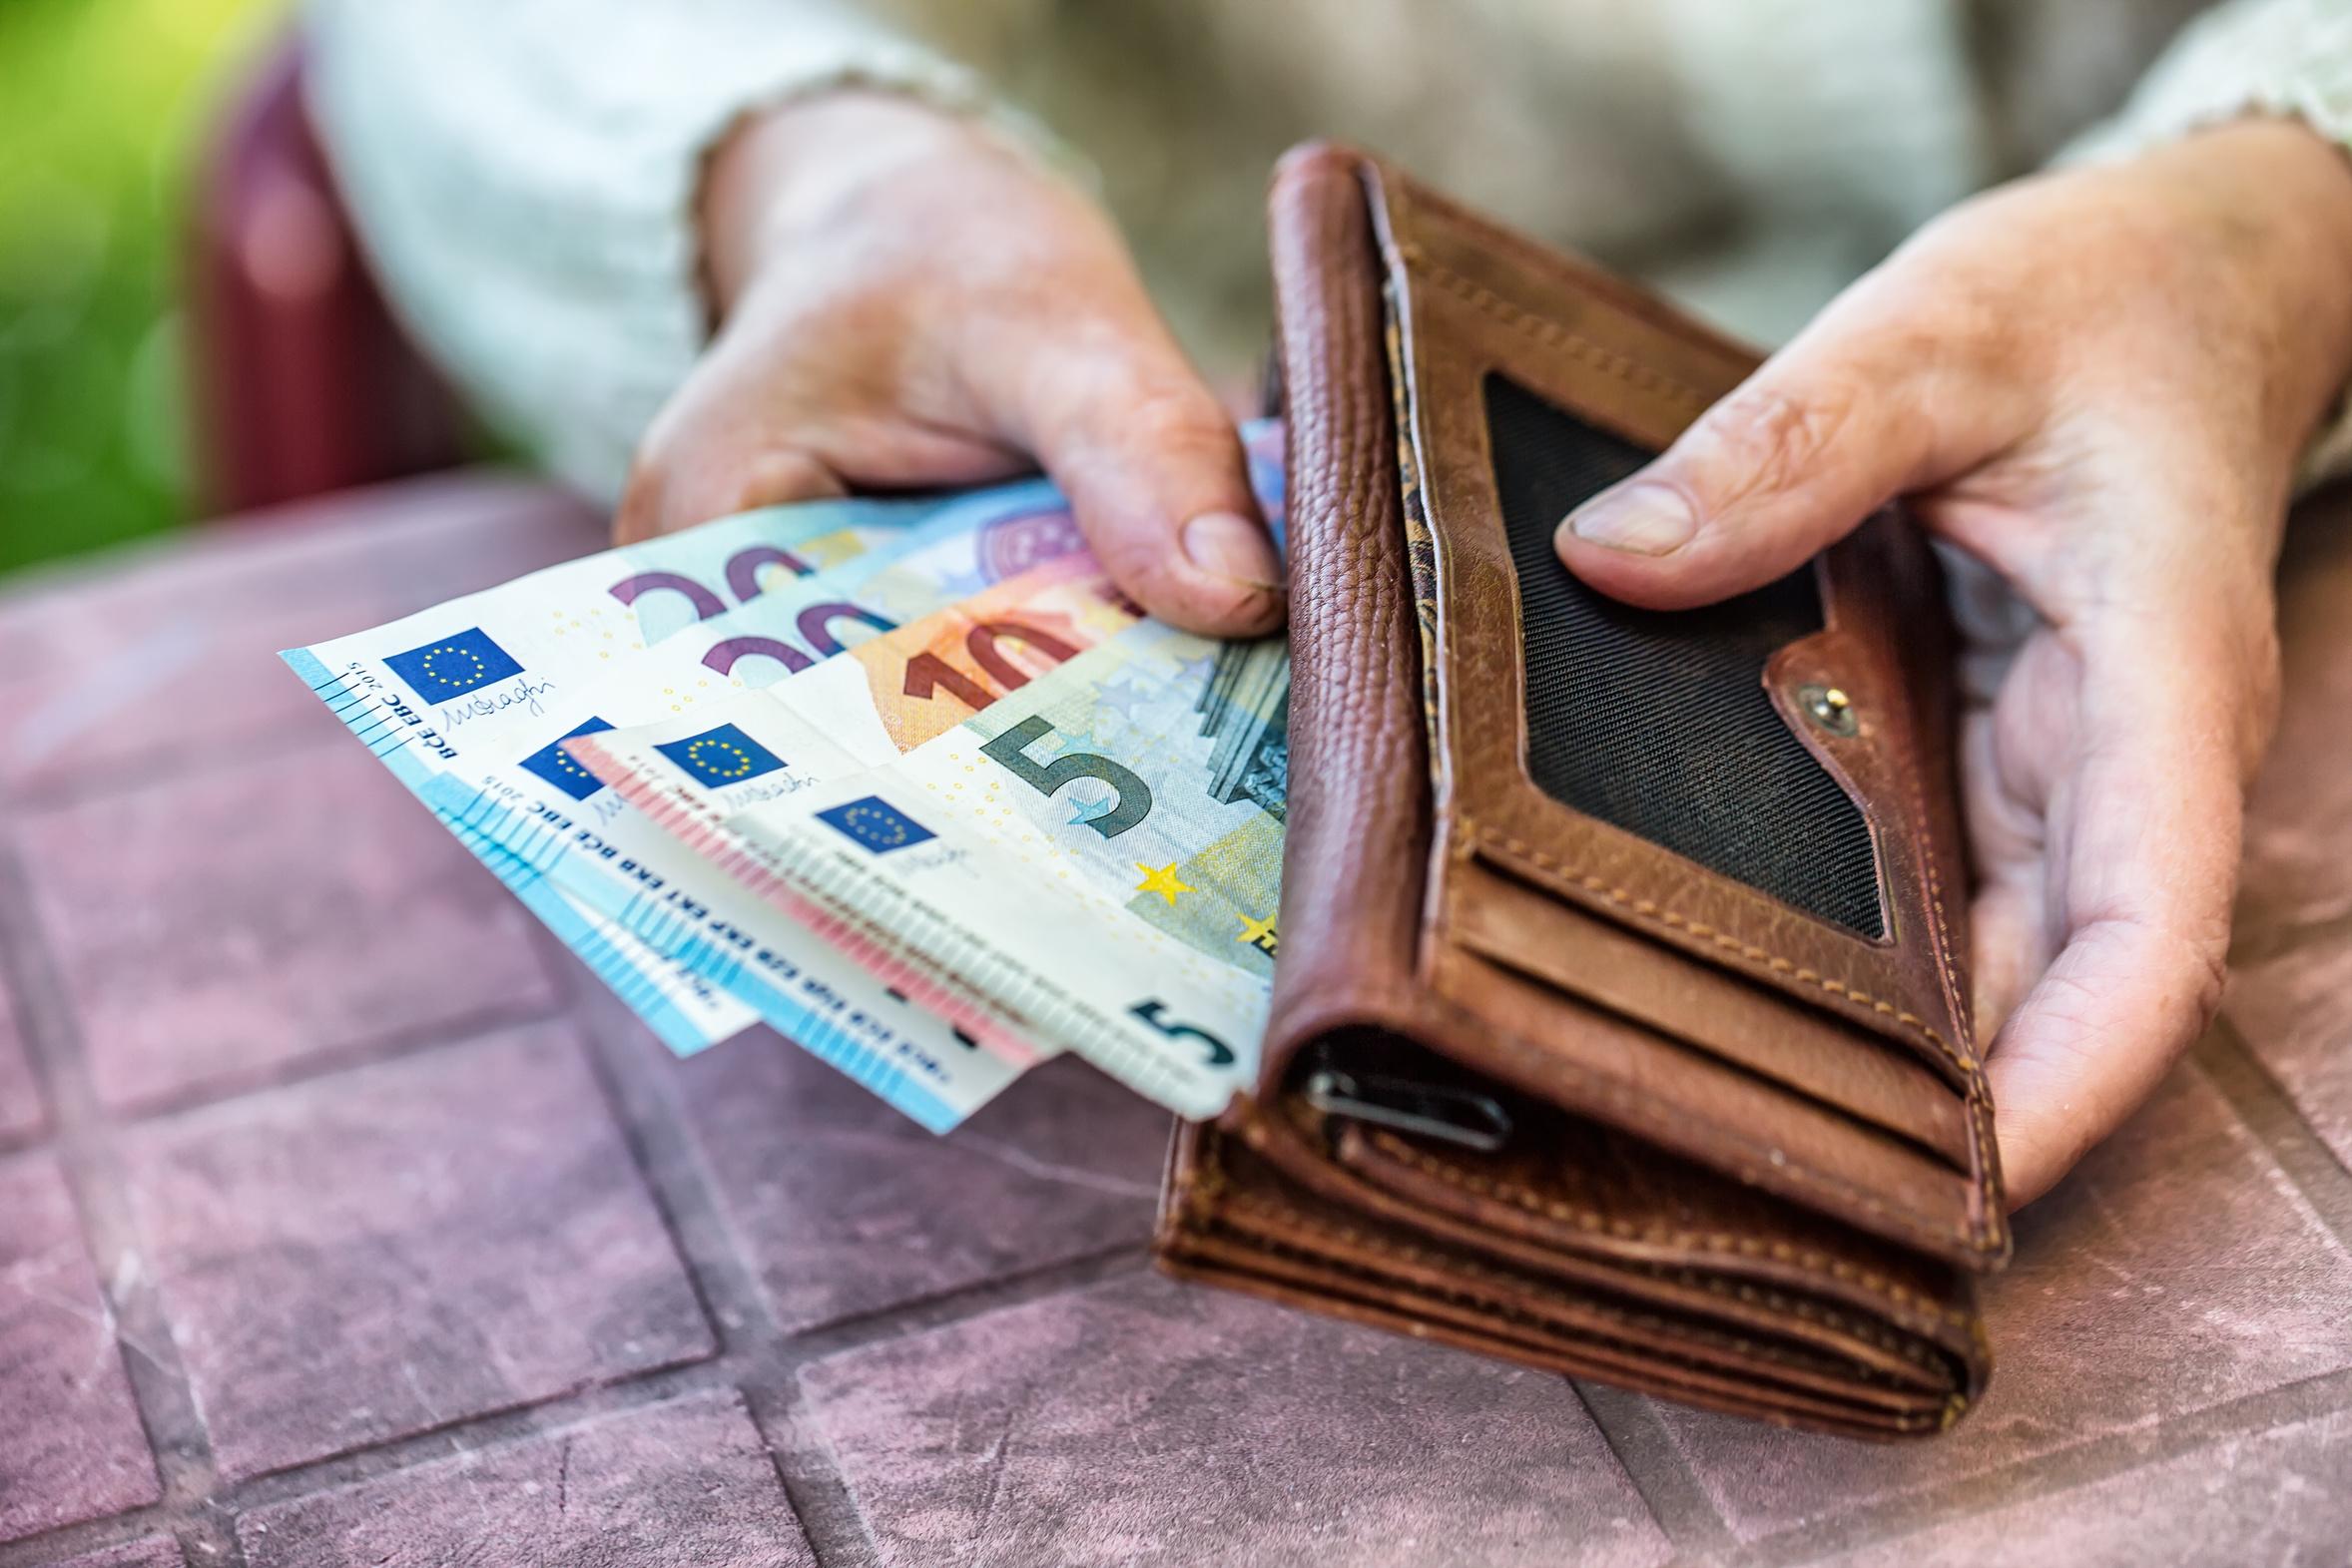 Geldscheine - was kostet ein Kurs - wer muss was bezahlen